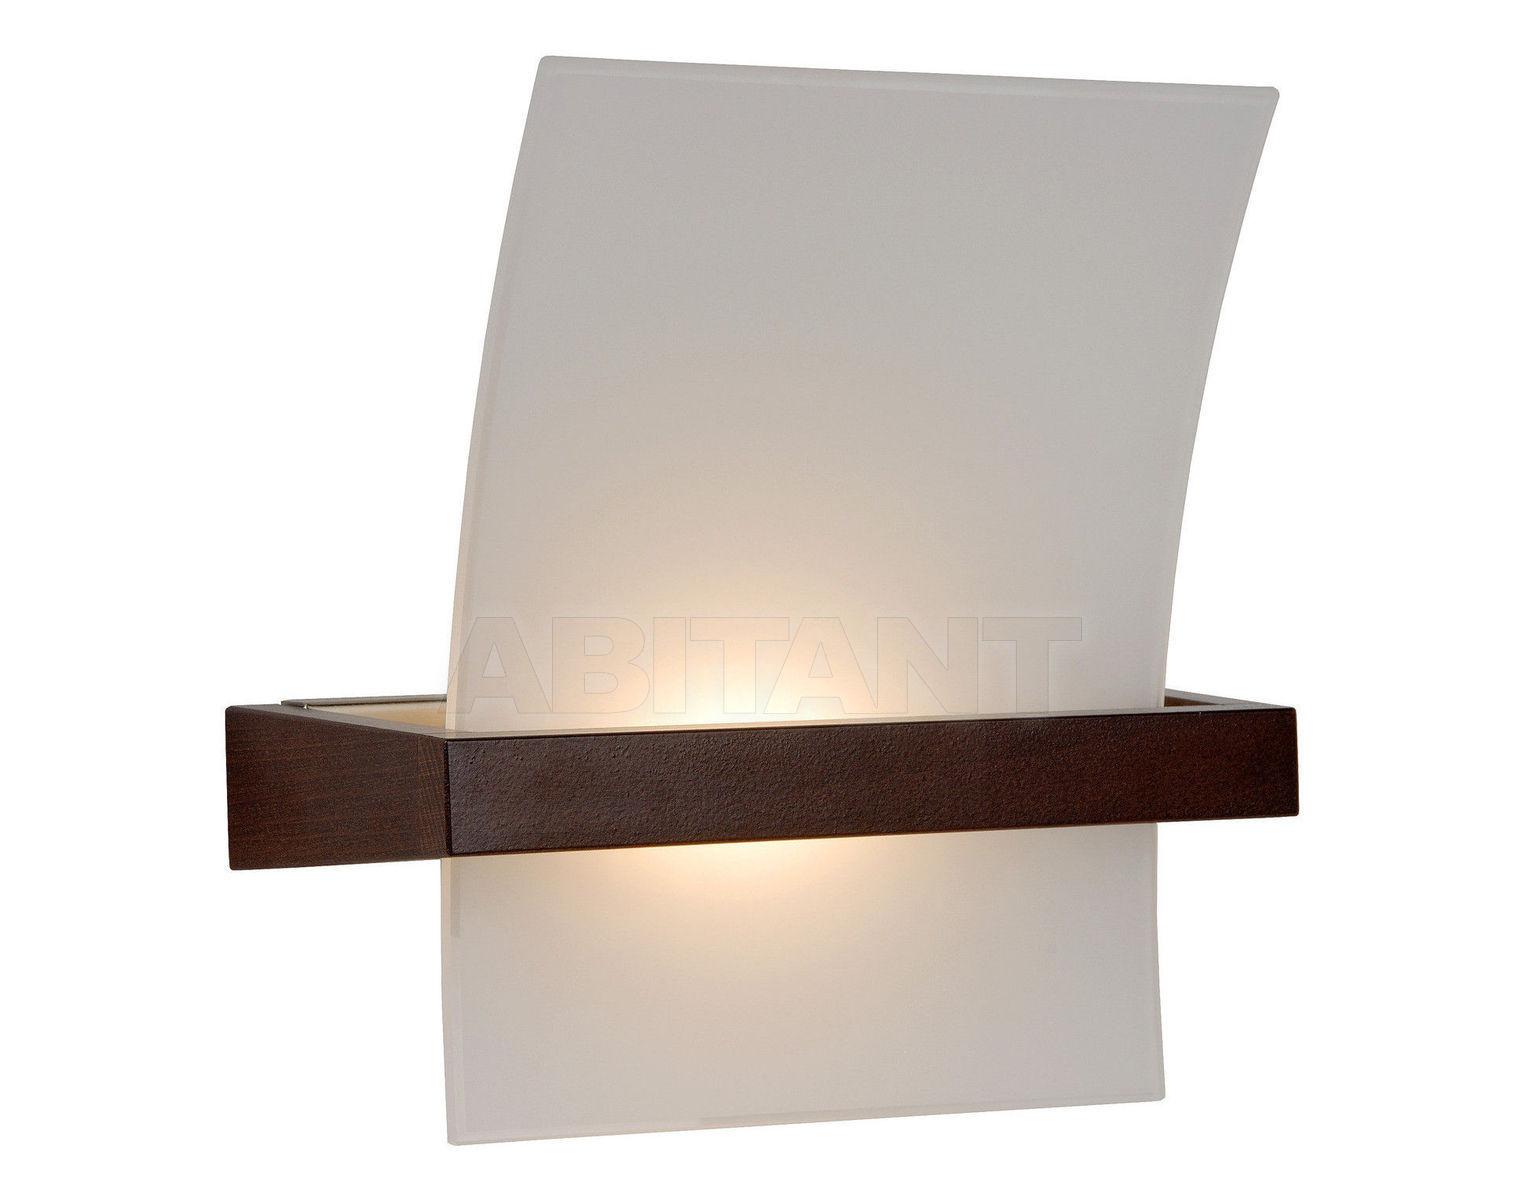 Купить Светильник настенный FERIOLO Lucide  Ceiling & Wall Lights 38246/23/72